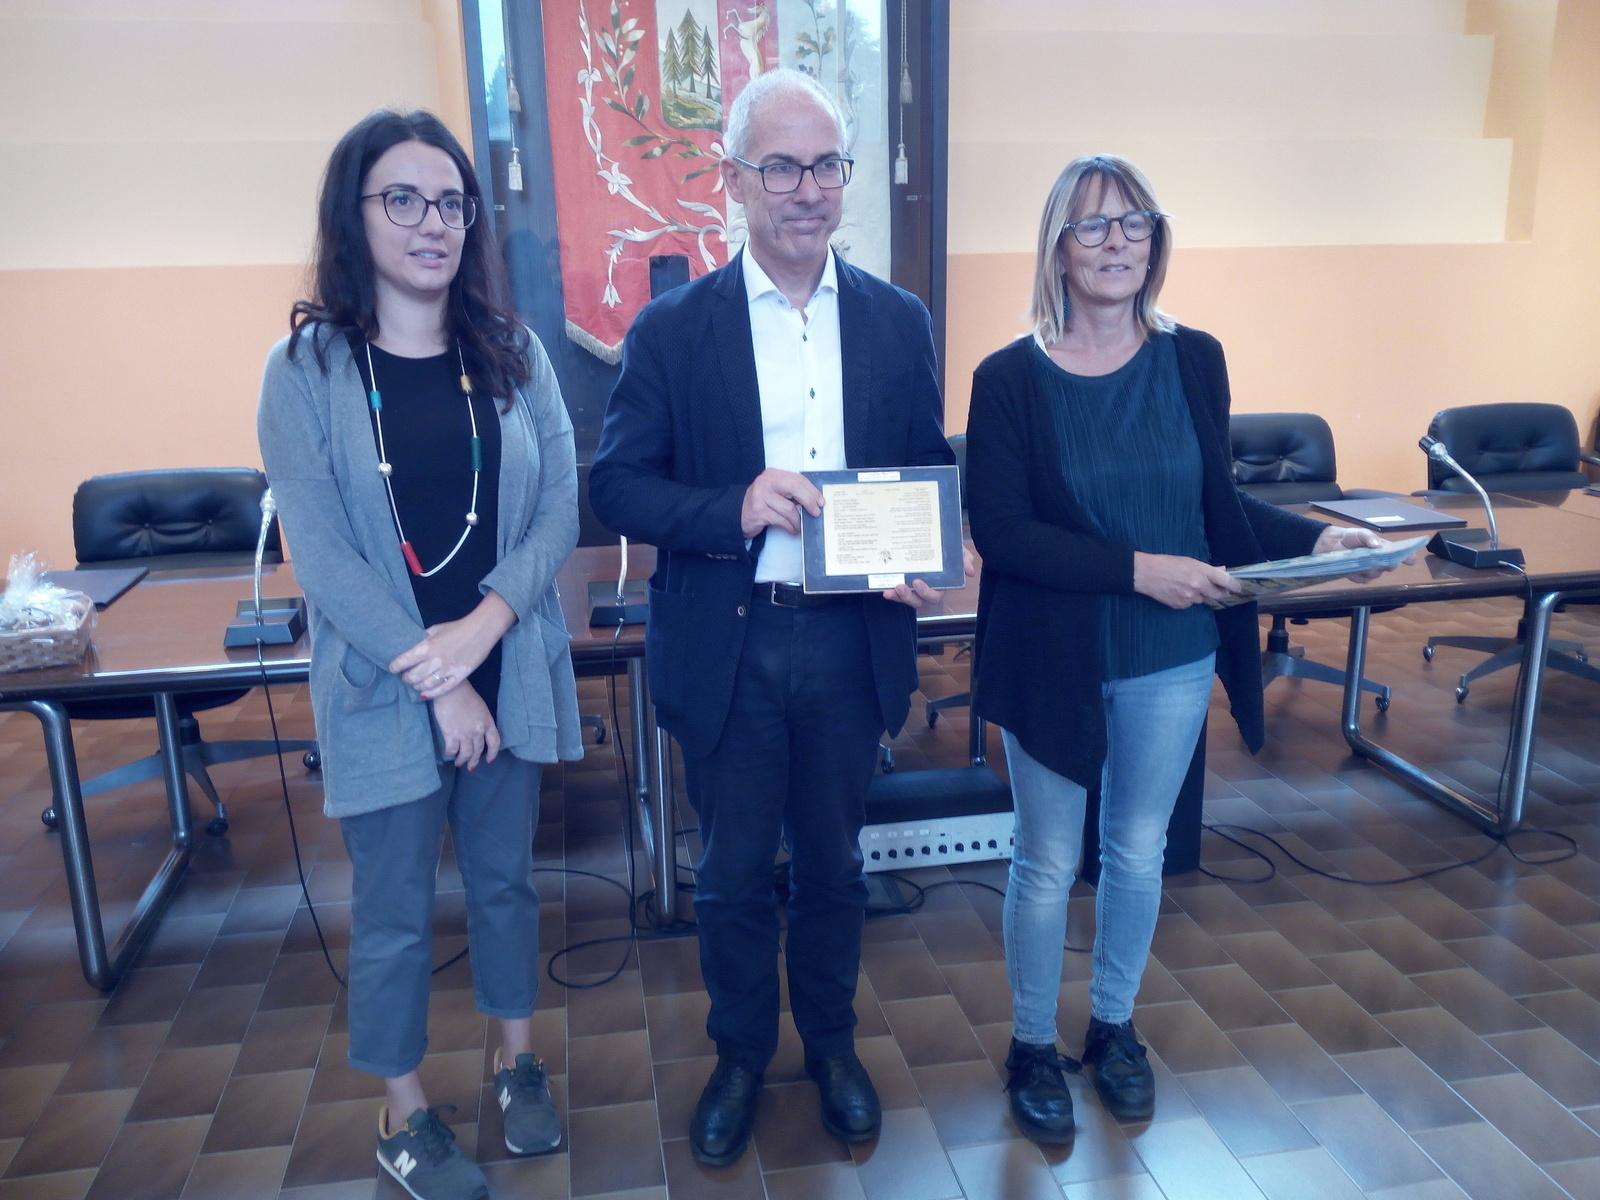 2019-09-26-Avner-Zeiri-in-visita-a-Selvino-21